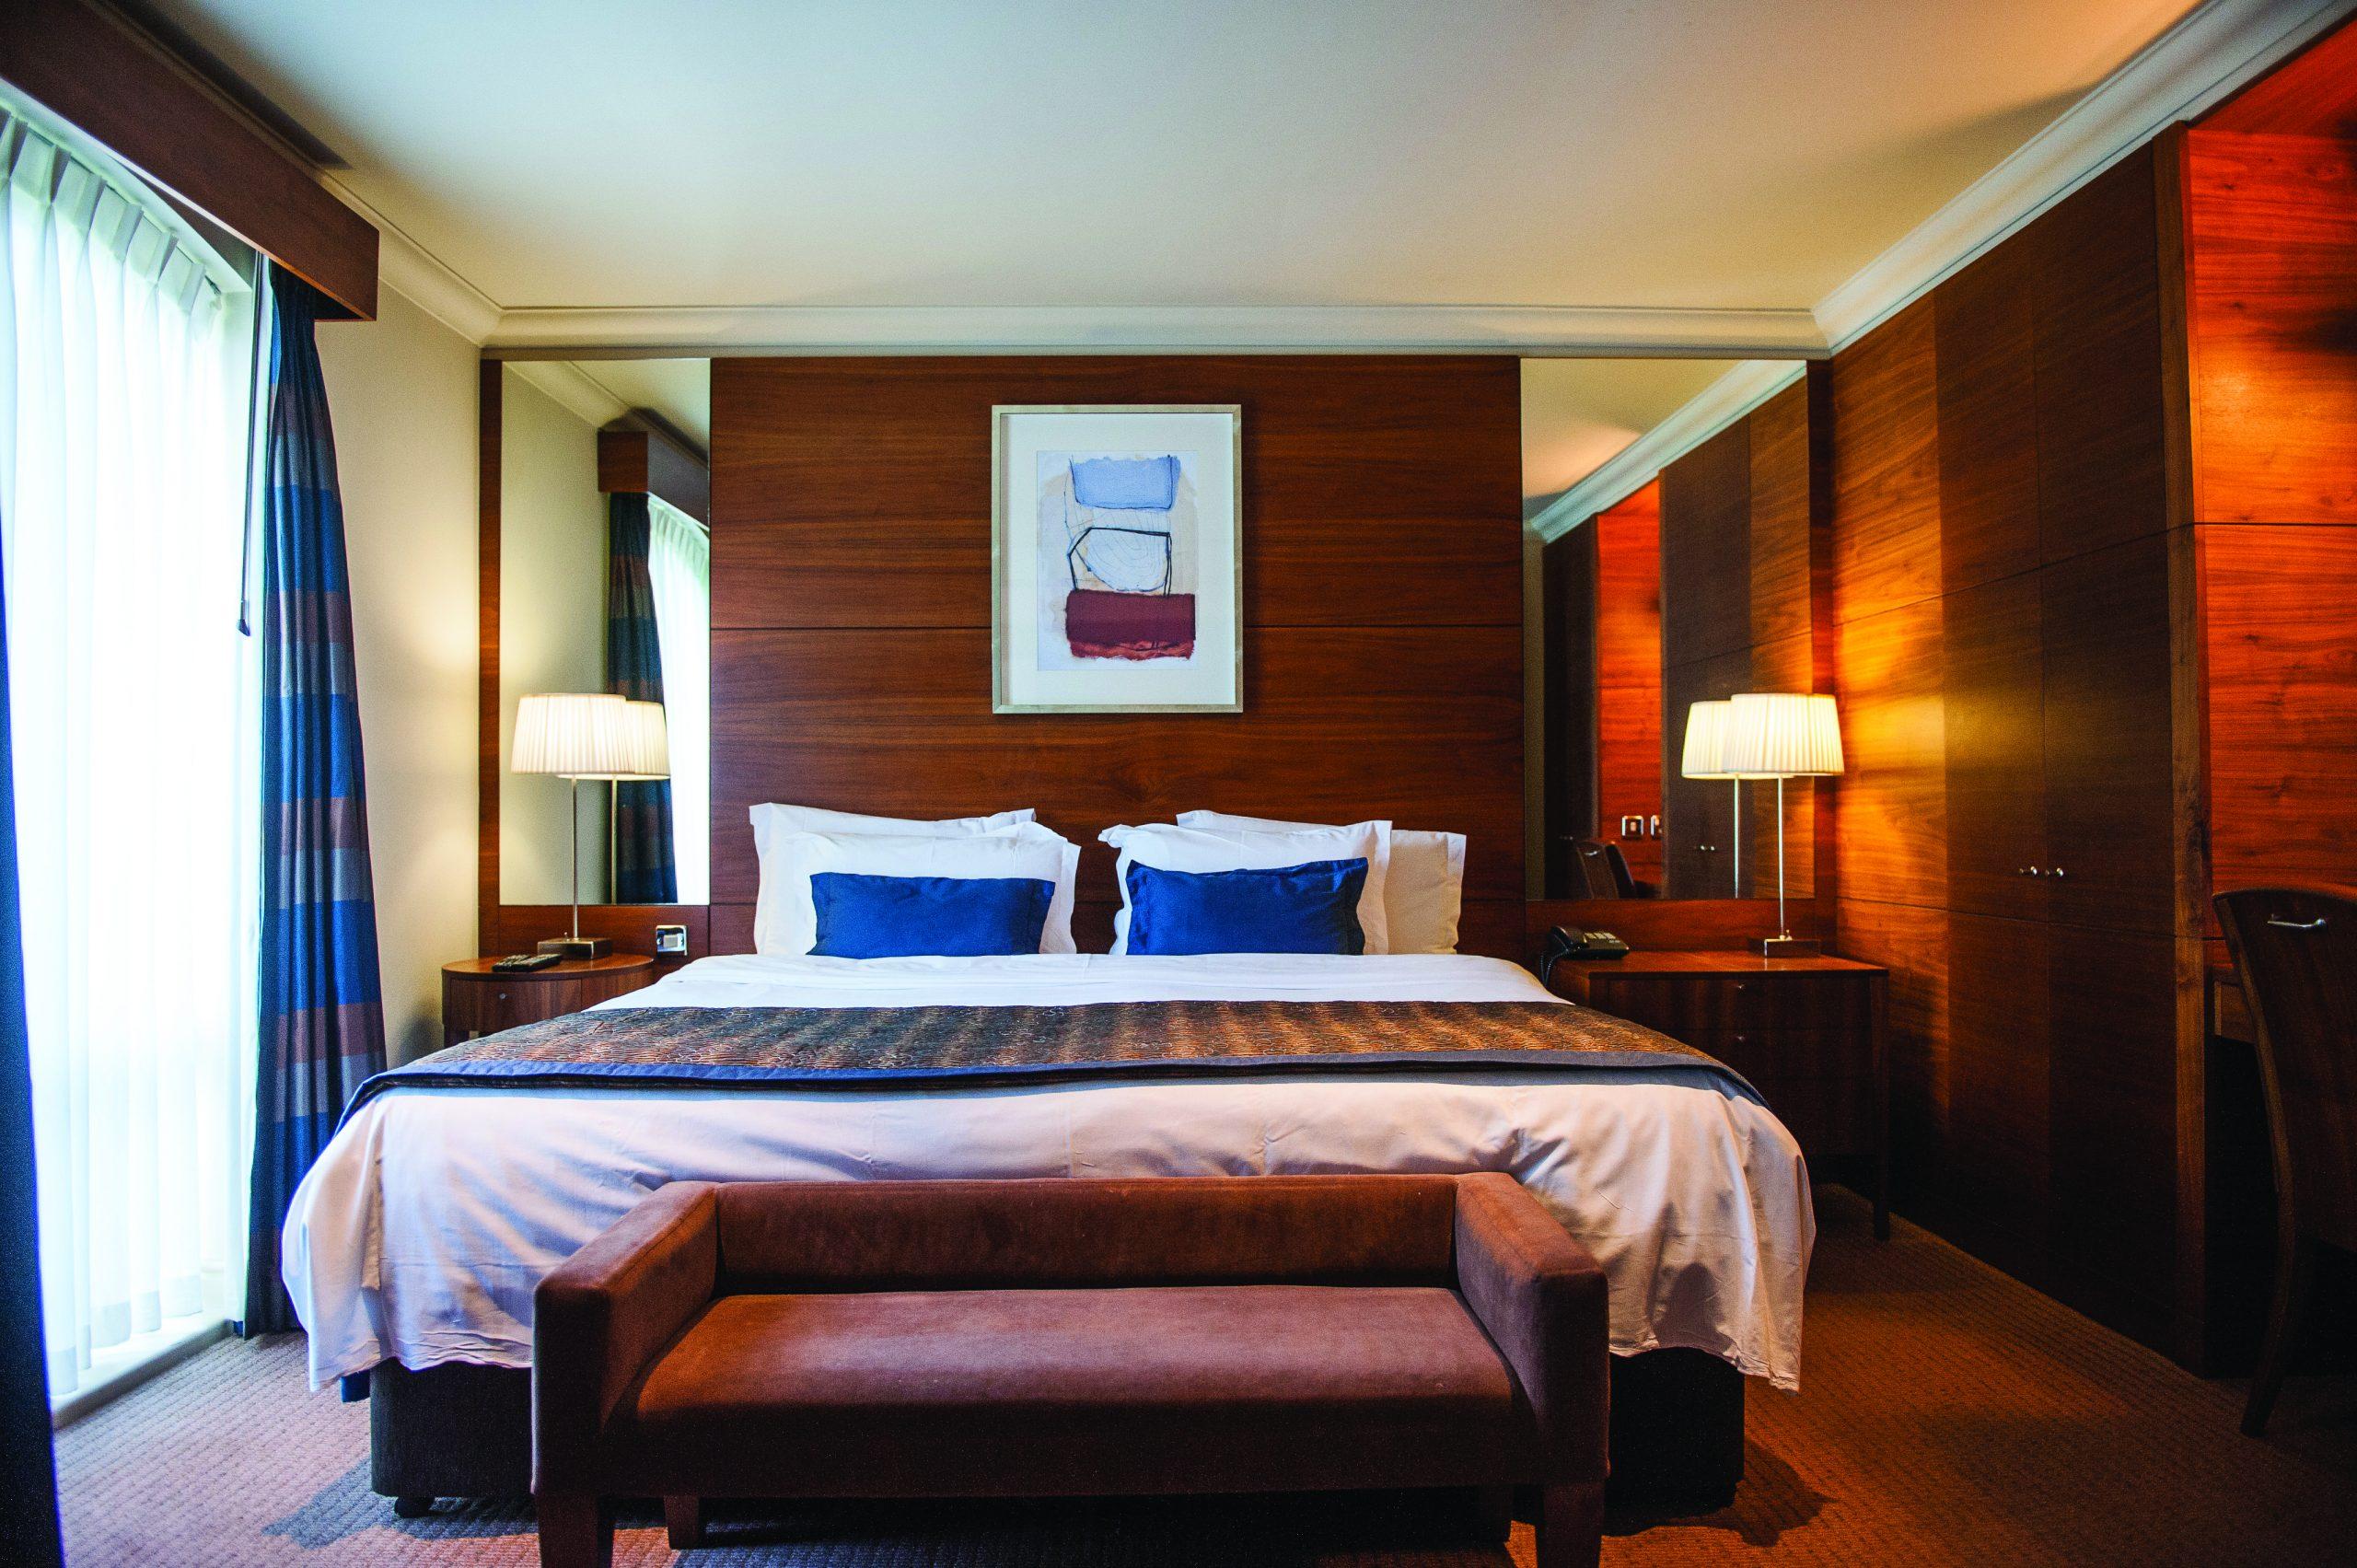 Thorpe Park Hotel & Spa Bedroom